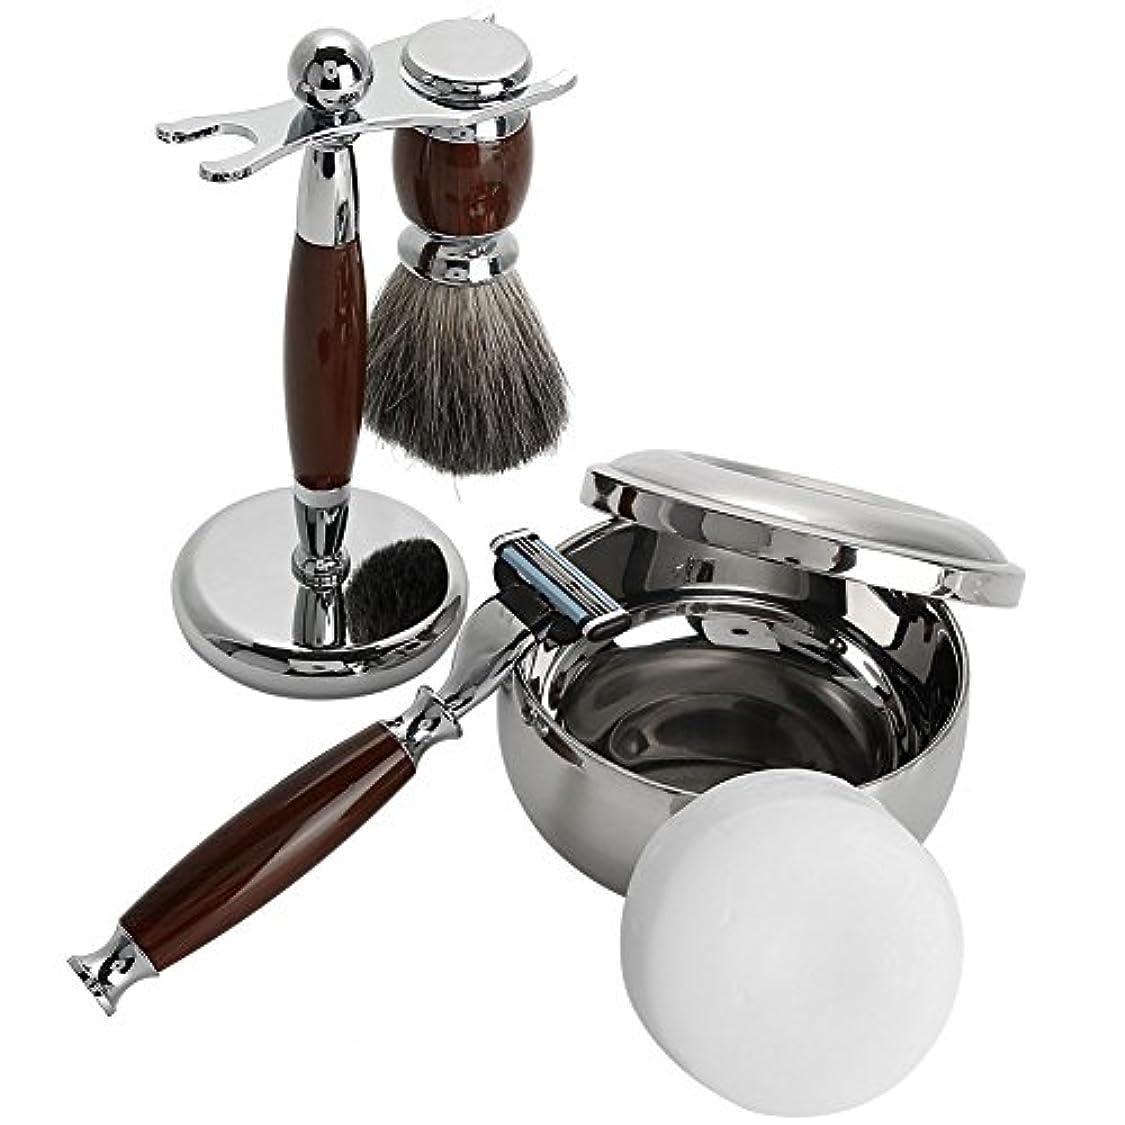 剃刀 -Dewin シェービングブラシセット、剃刀スタンド、石鹸ボウル、石鹸、洗顔ブラシ、髭剃り、泡立ち、メンズ